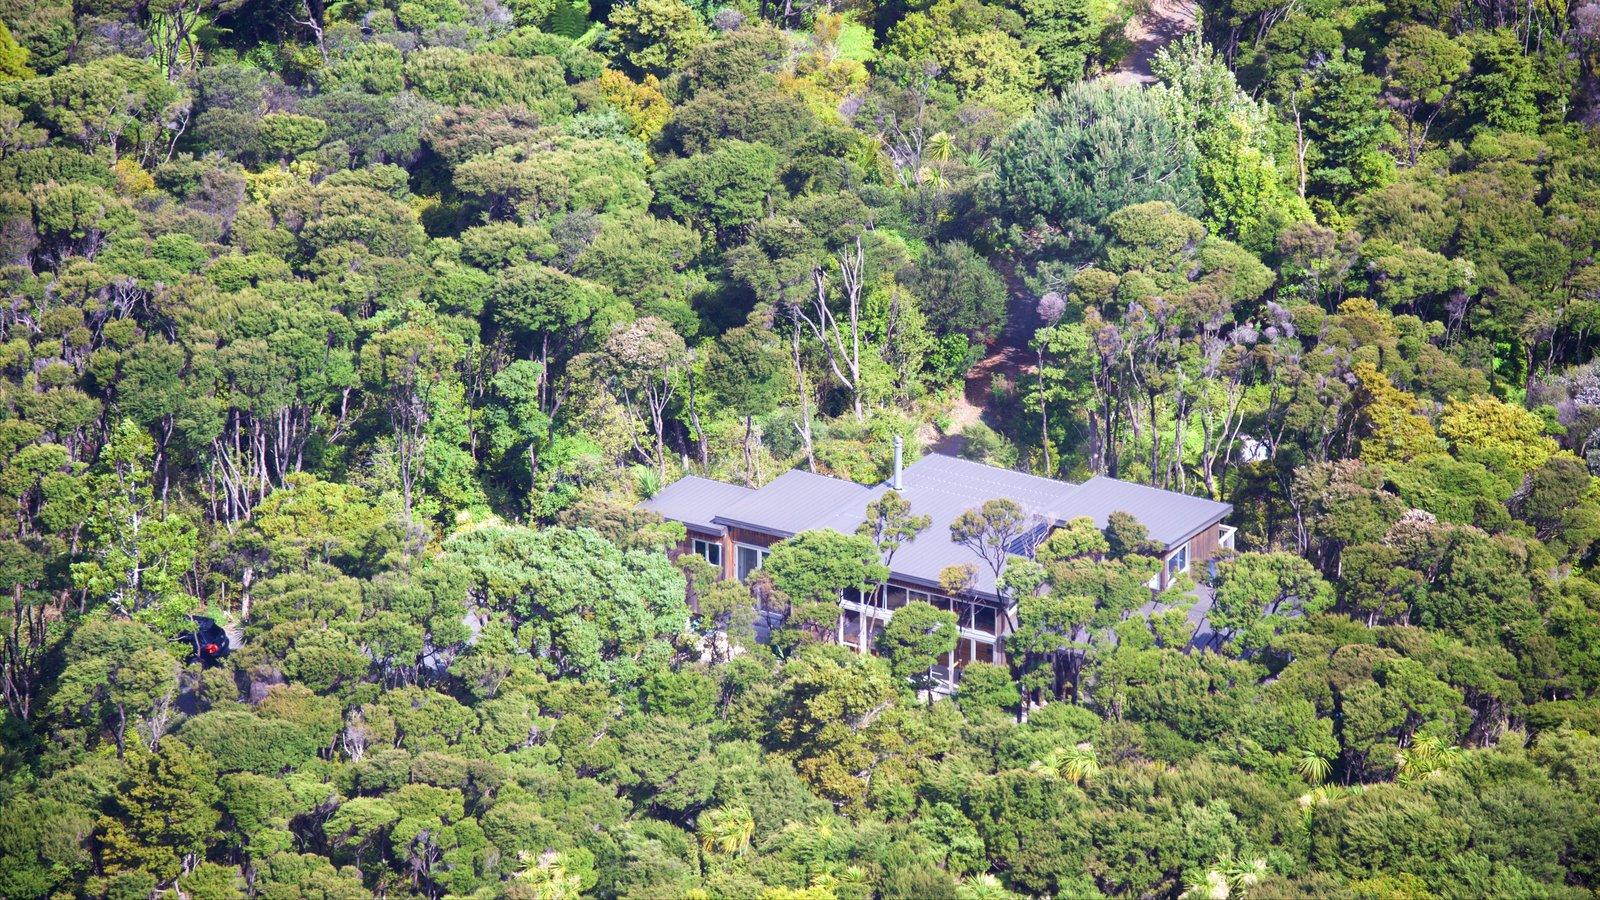 Mount Manaia mostrando bosques y una casa